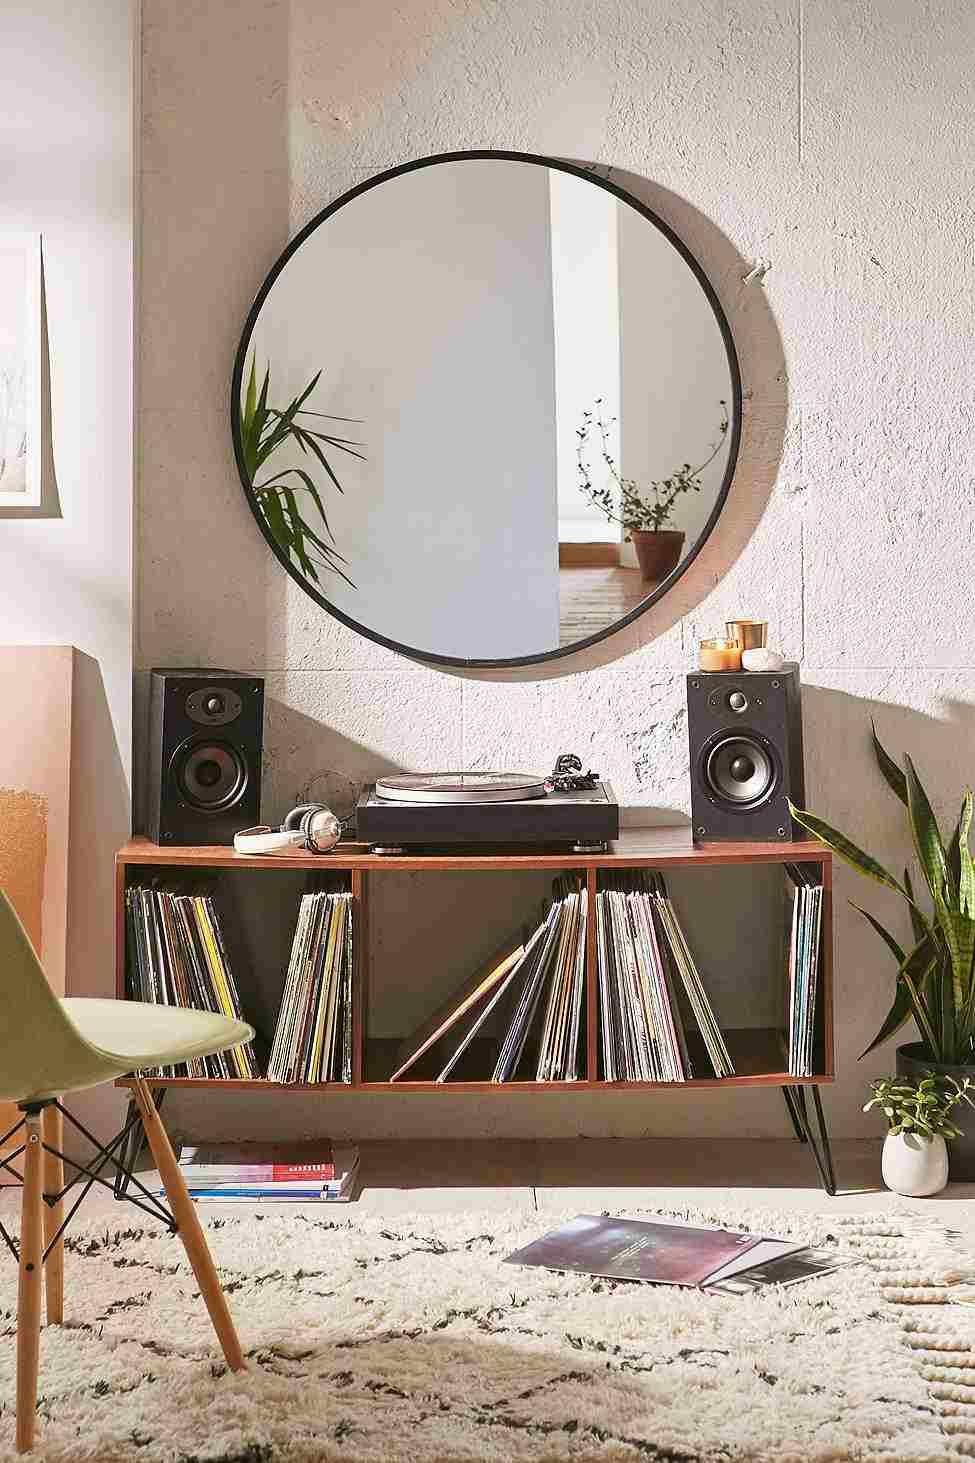 les brocantes d 39 t 2018 paris aix en provence mmi d co. Black Bedroom Furniture Sets. Home Design Ideas